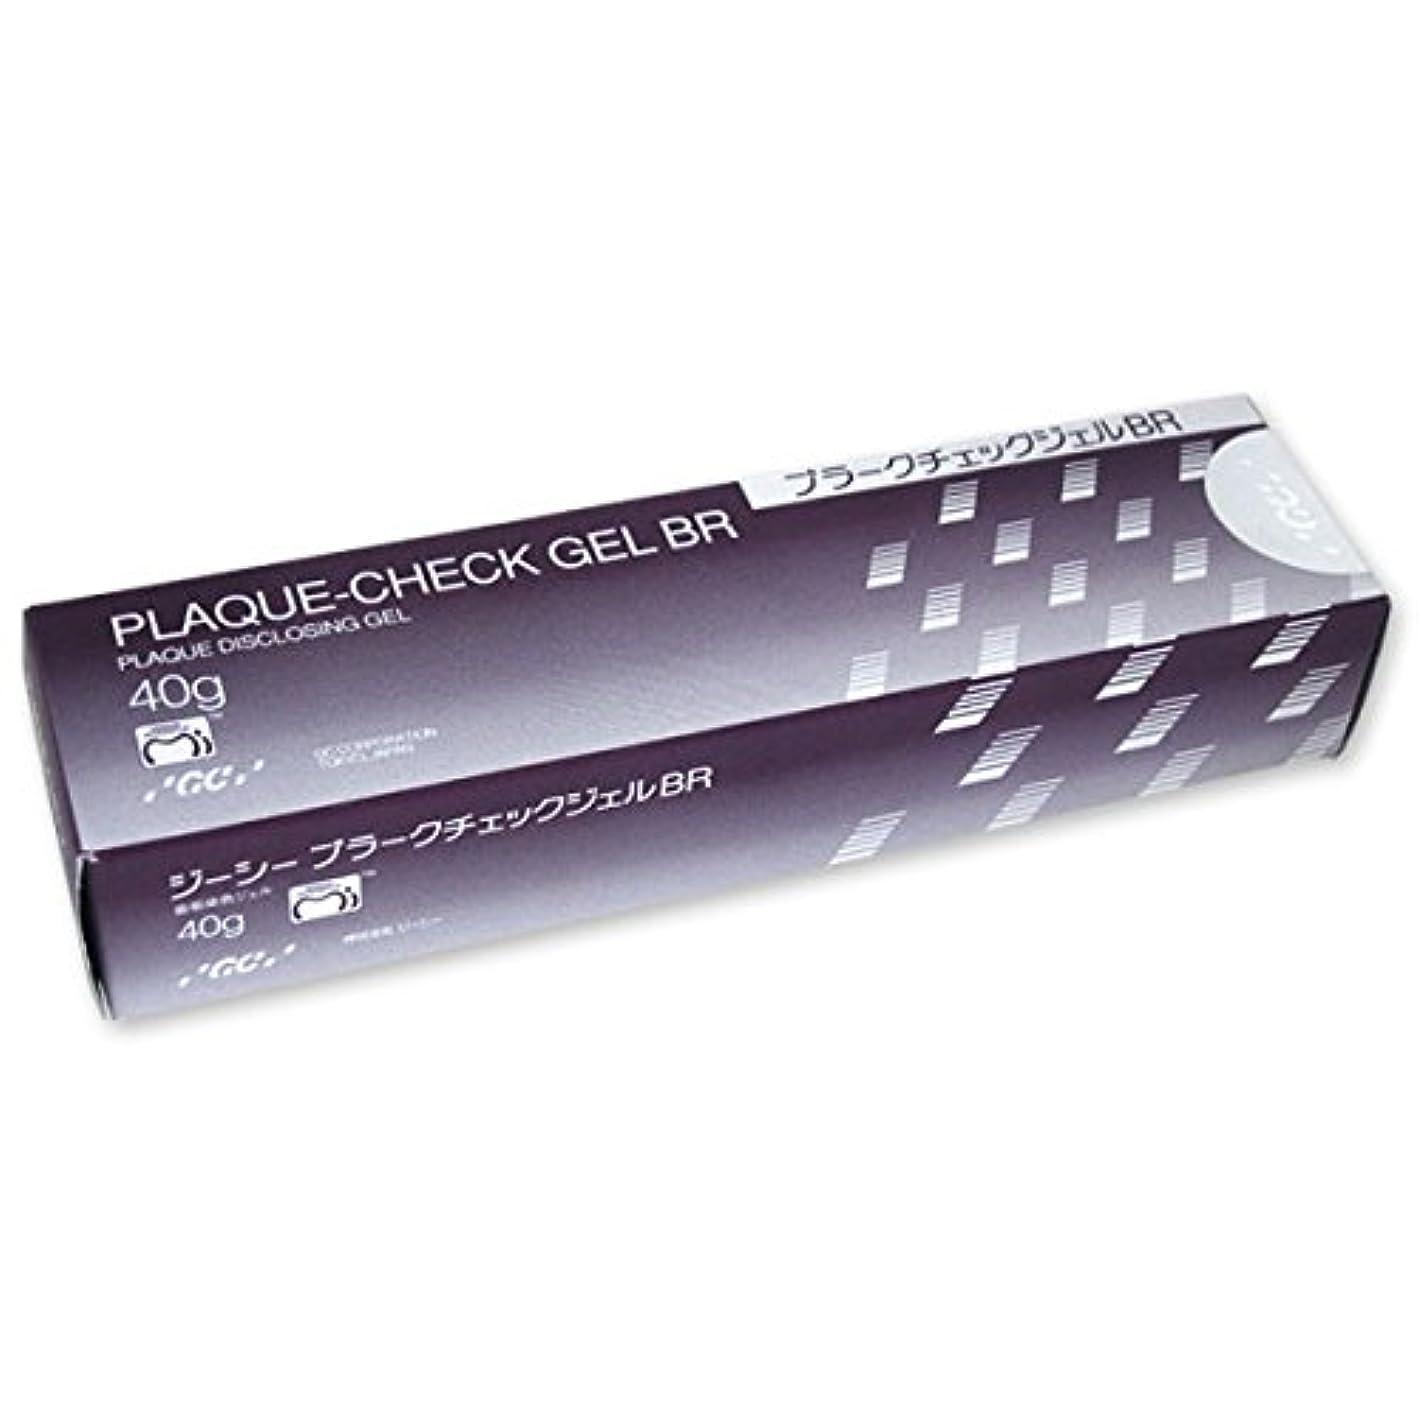 シャーロットブロンテ通貨調べるプロスペック プロスペック プラークチェックジェルBR 歯垢染色 40g単品